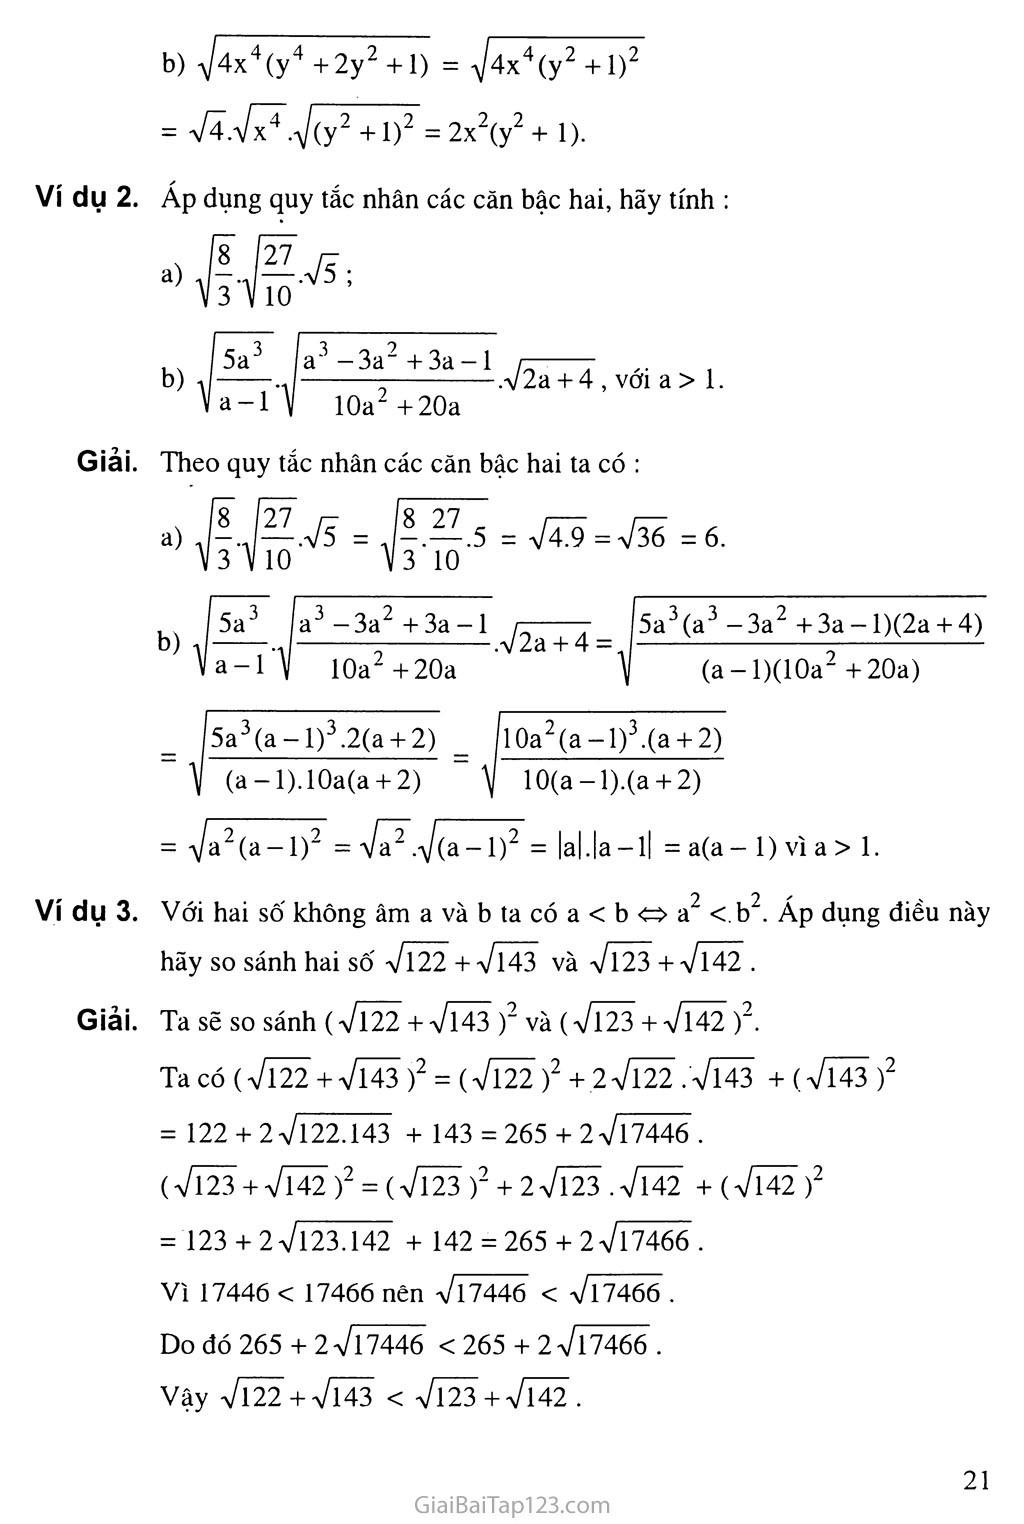 Bài 3.  Liên hệ giữa phép nhân và phép khai phương trang 2